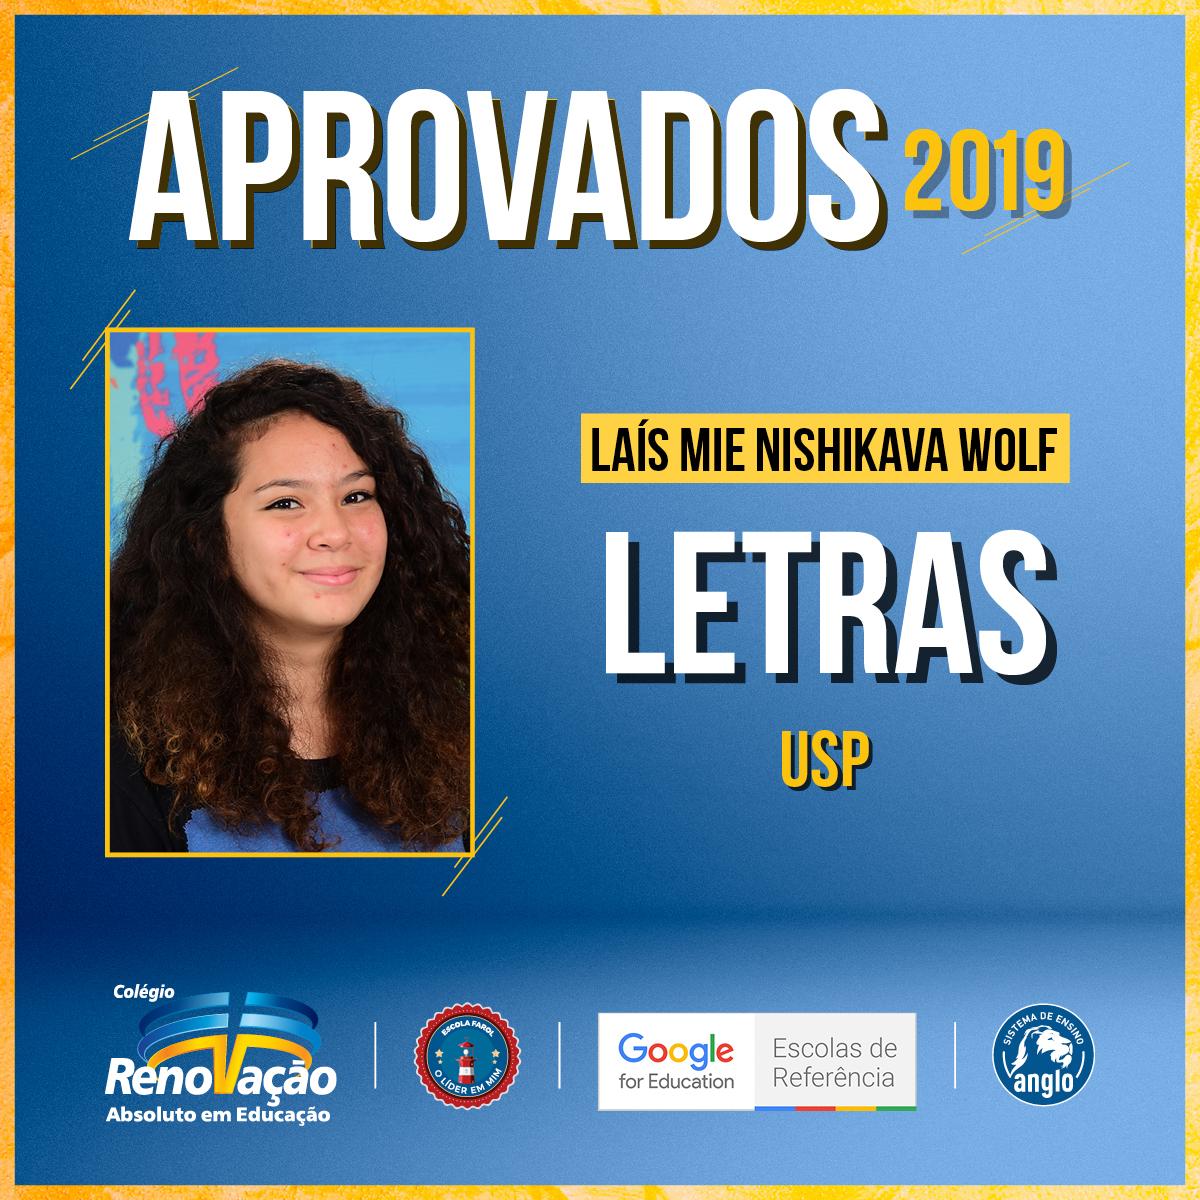 16992_Desdobramentos_Post_BannerAprovados2019_ColegioRenovacaoSP25